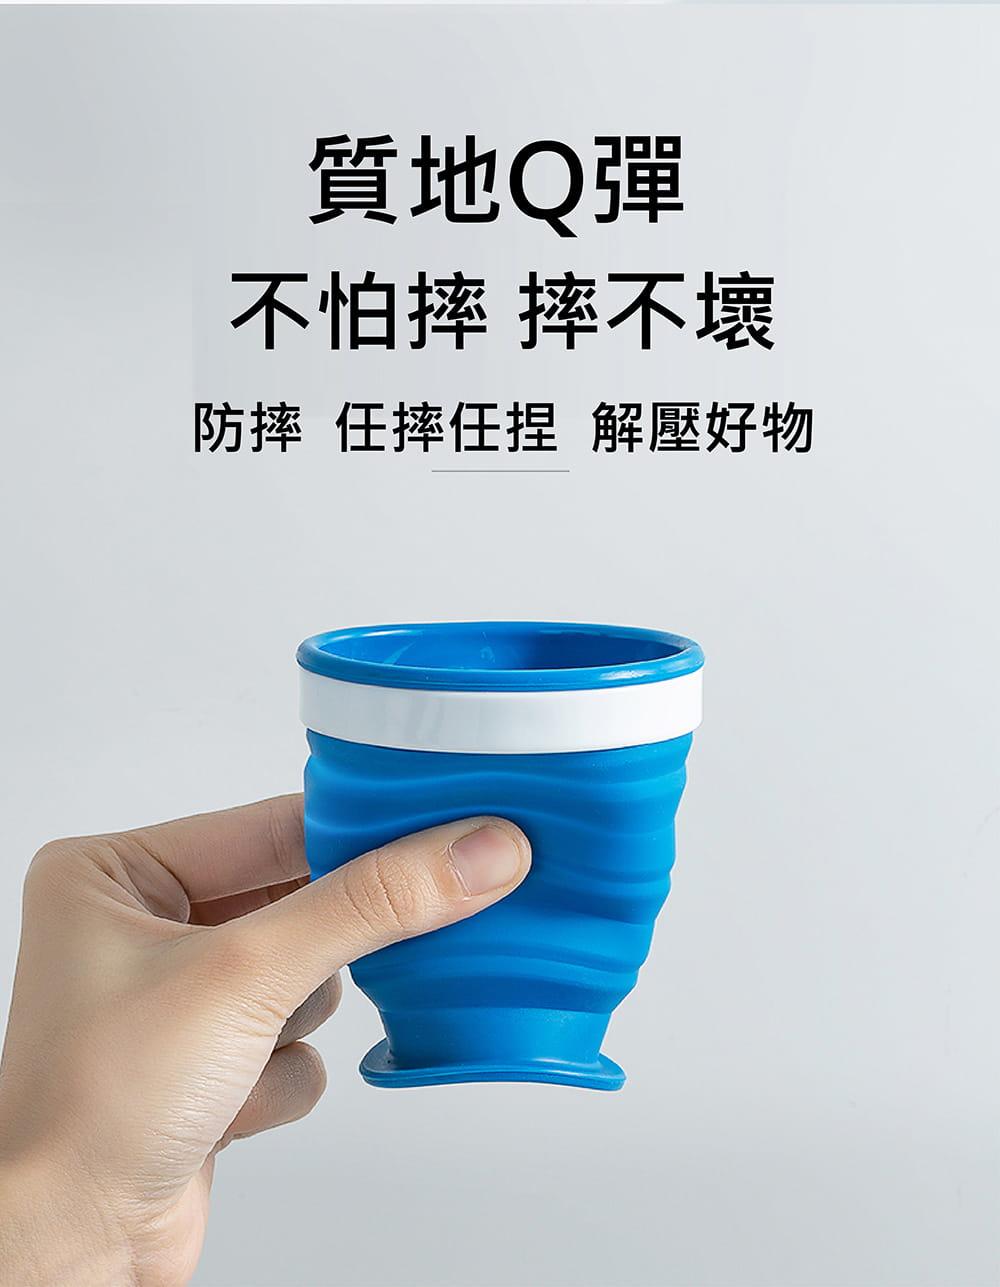 【英才星】太力旅行便攜輕巧摺疊矽膠杯 5